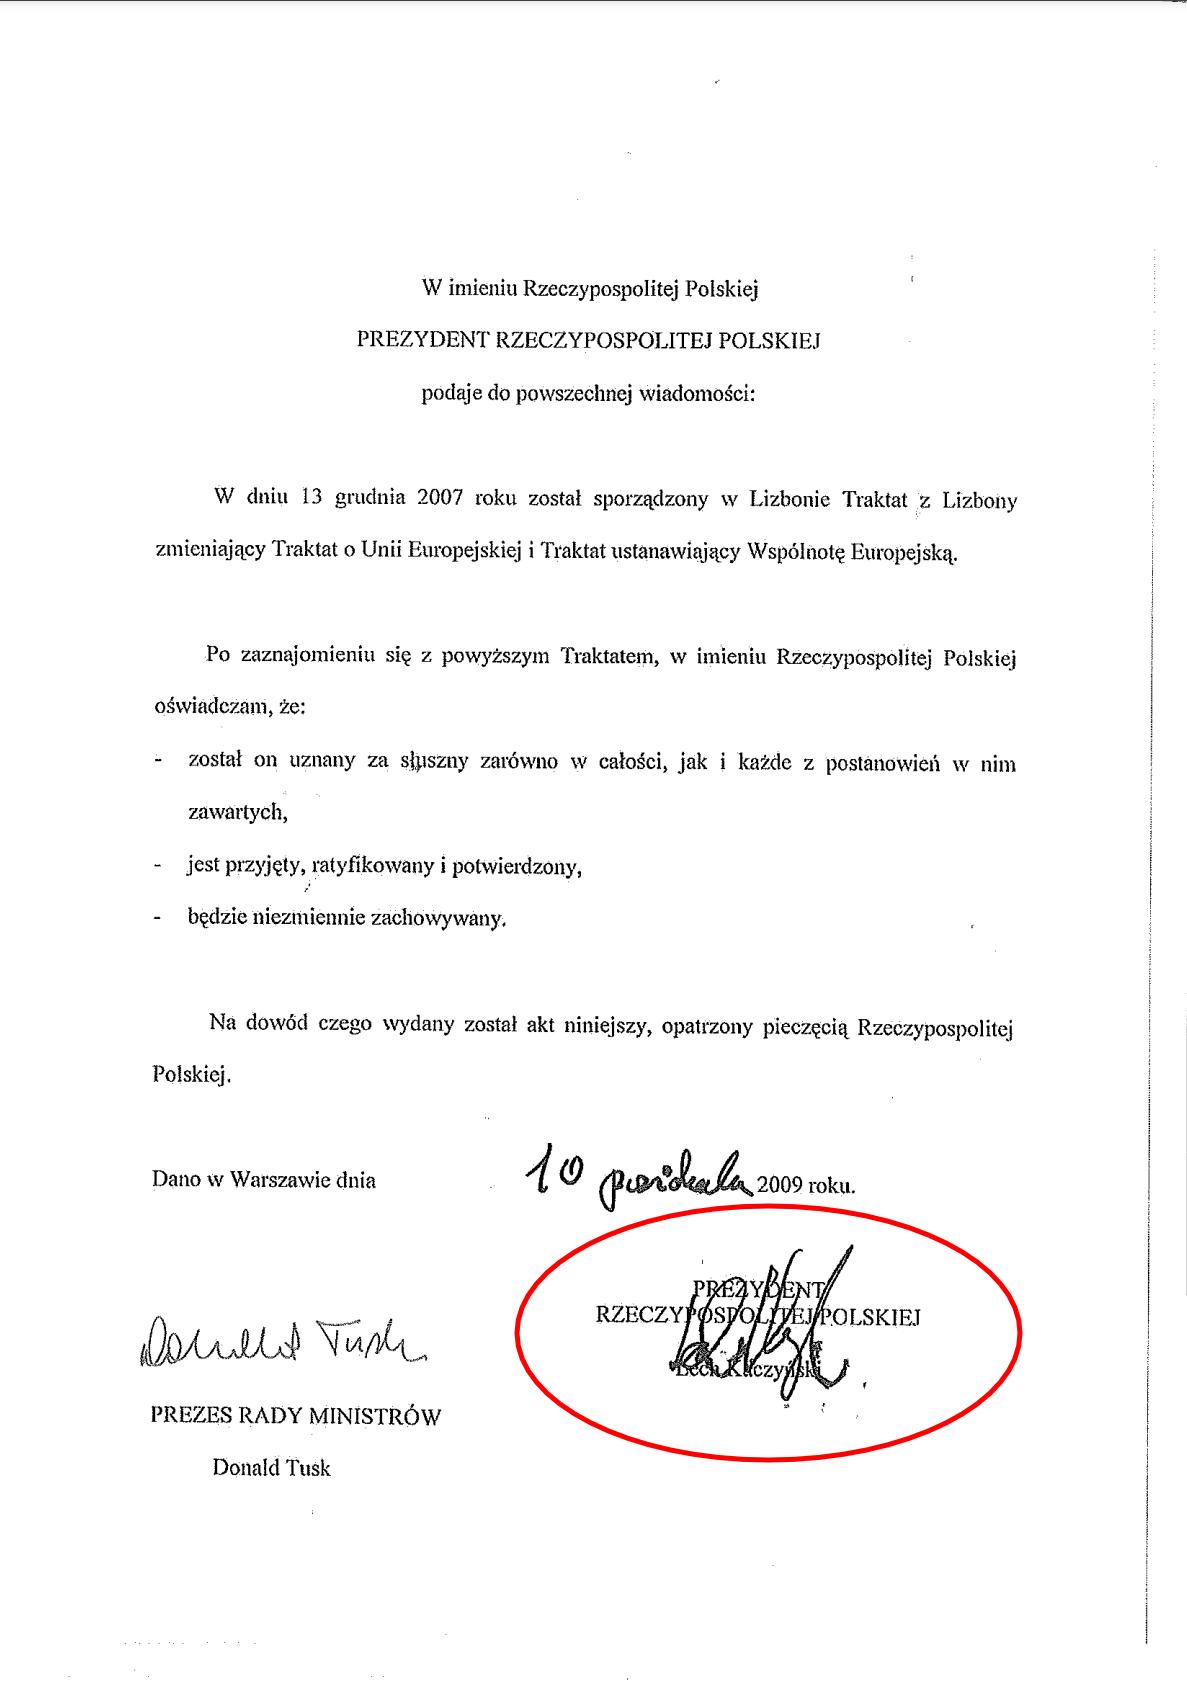 Podpis Lecha Kaczyńskiego pod aktem ratyfikacji